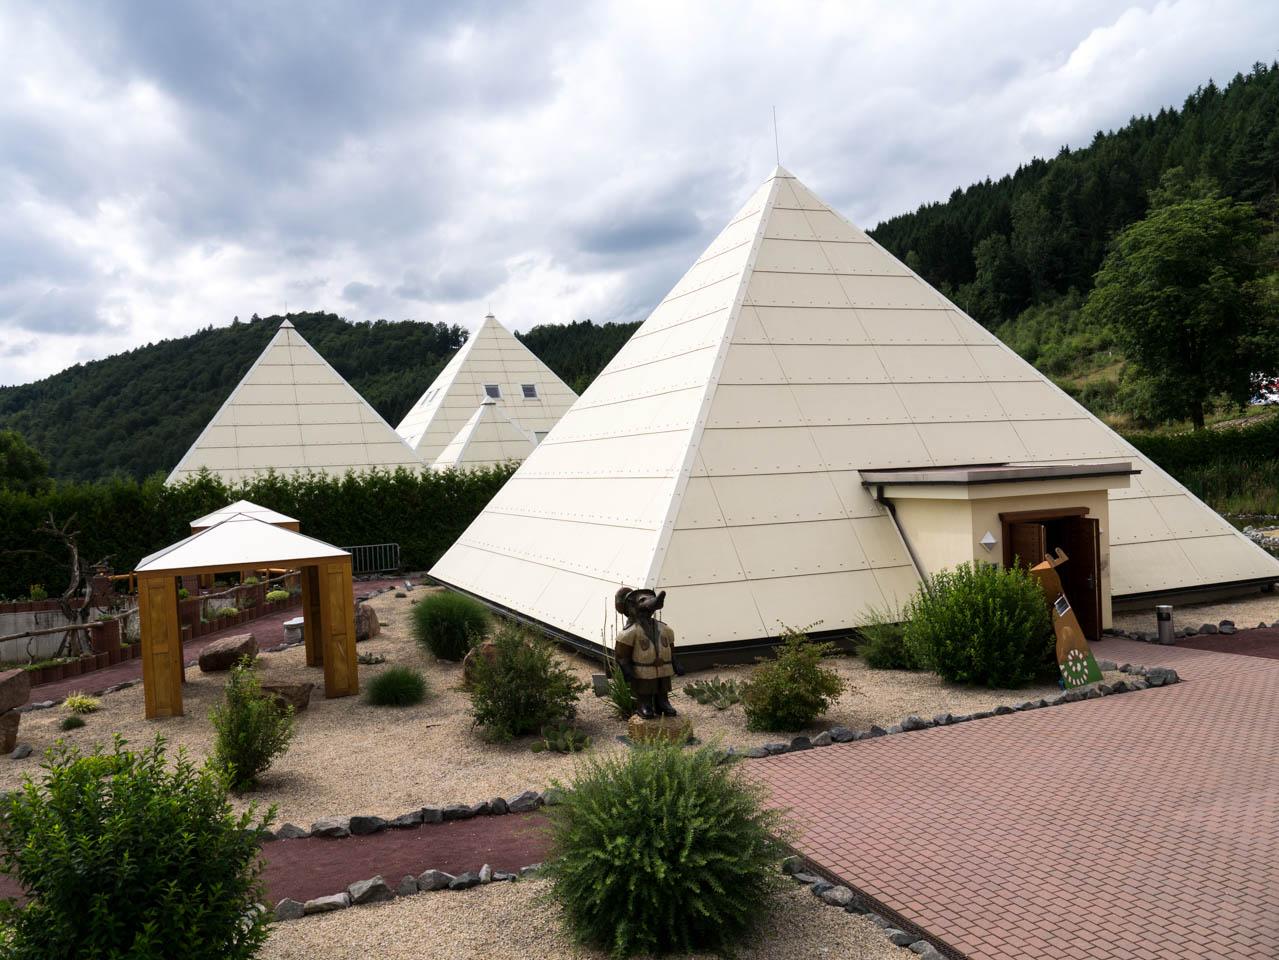 Sauerlandpyramiden (1 von 1)